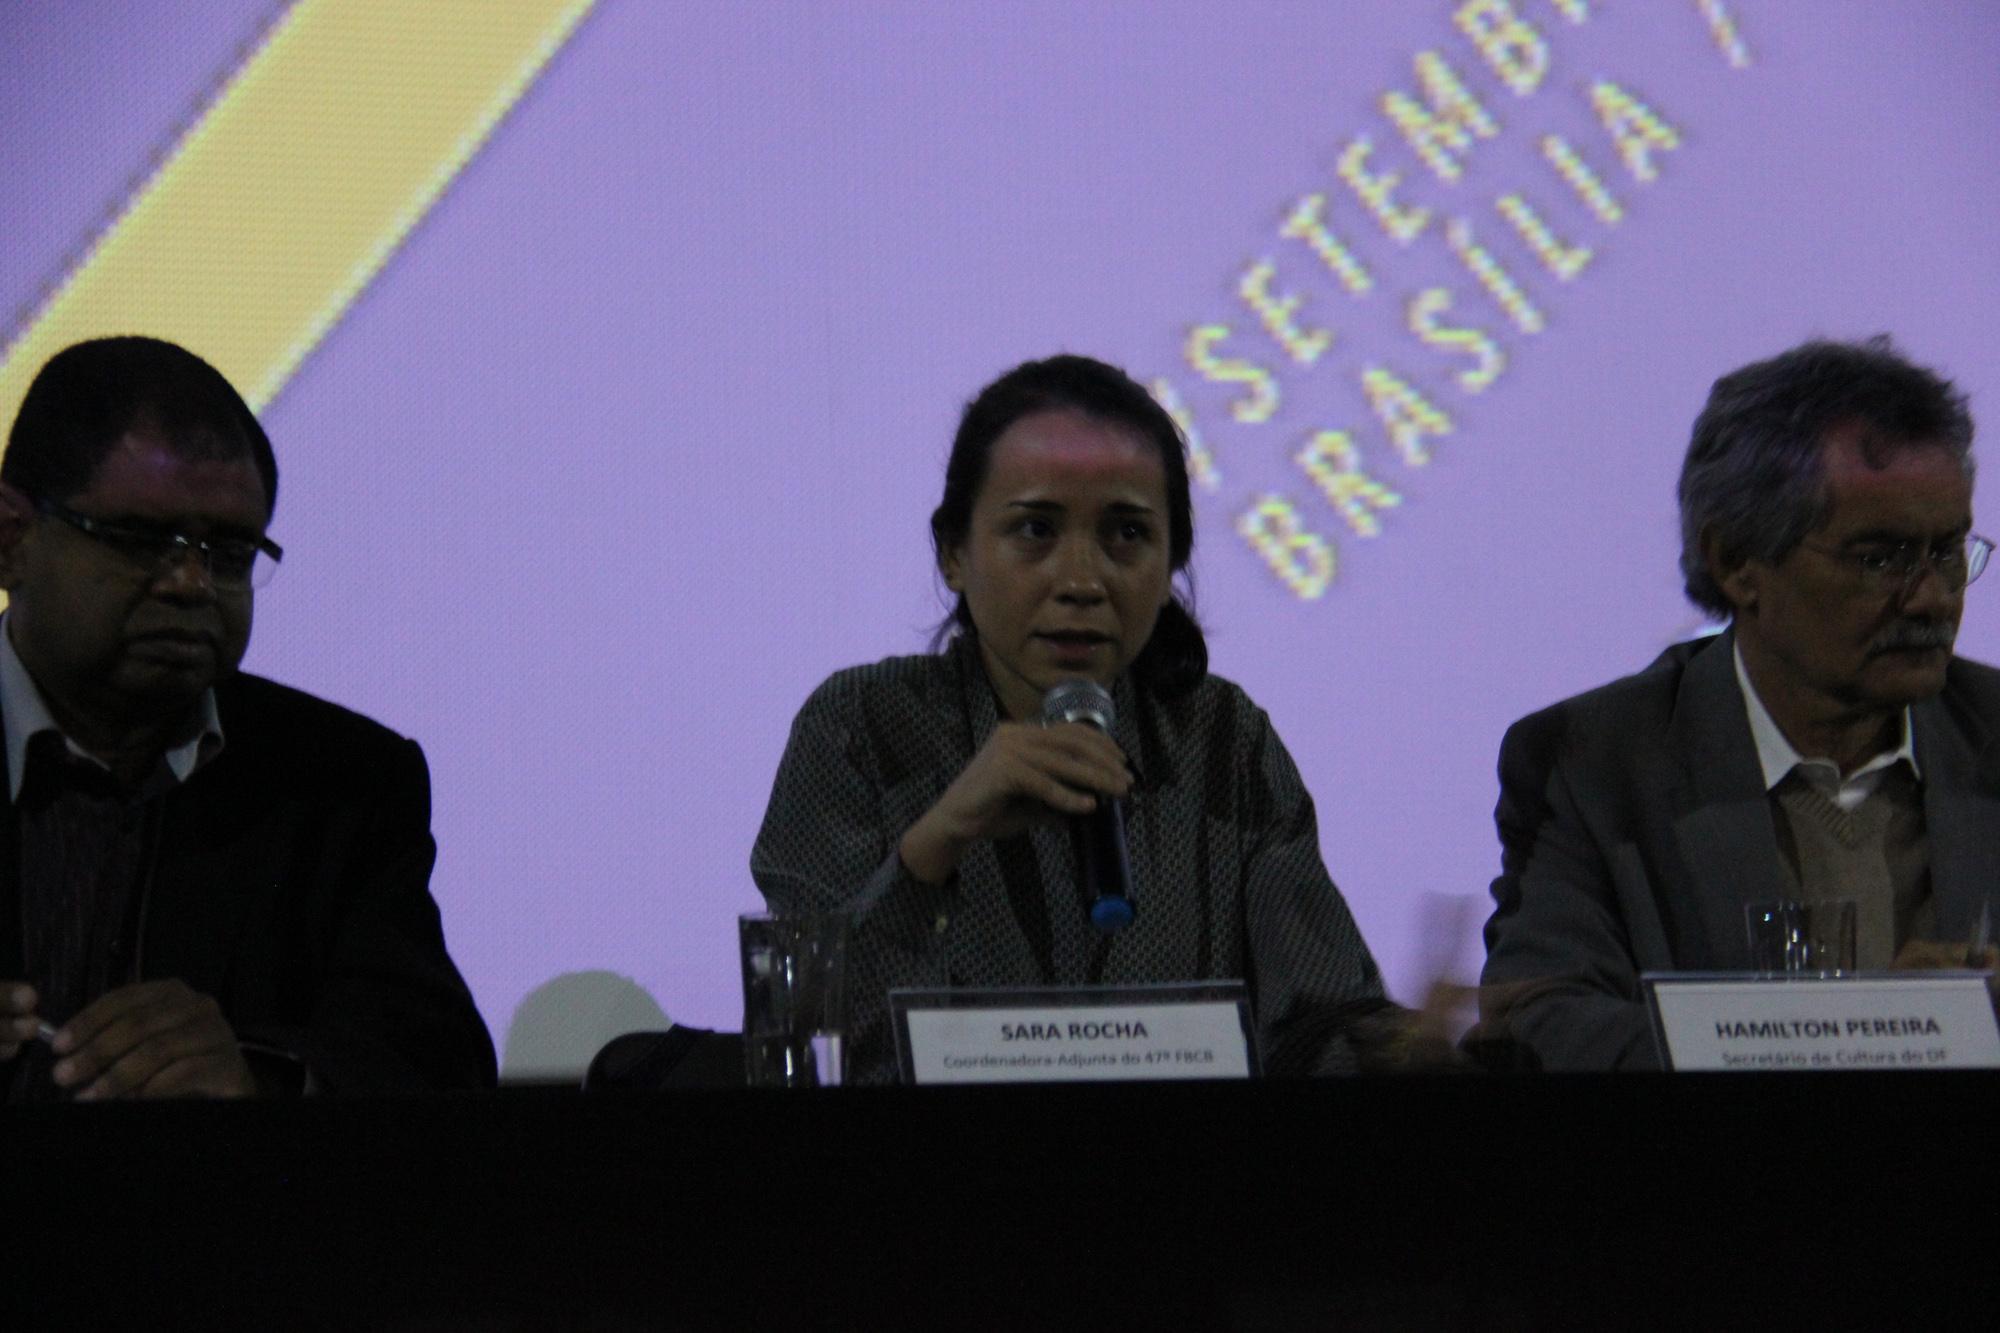 47º FESTIVAL DE BRASÍLIA DO CINEMA BRASILEIRO